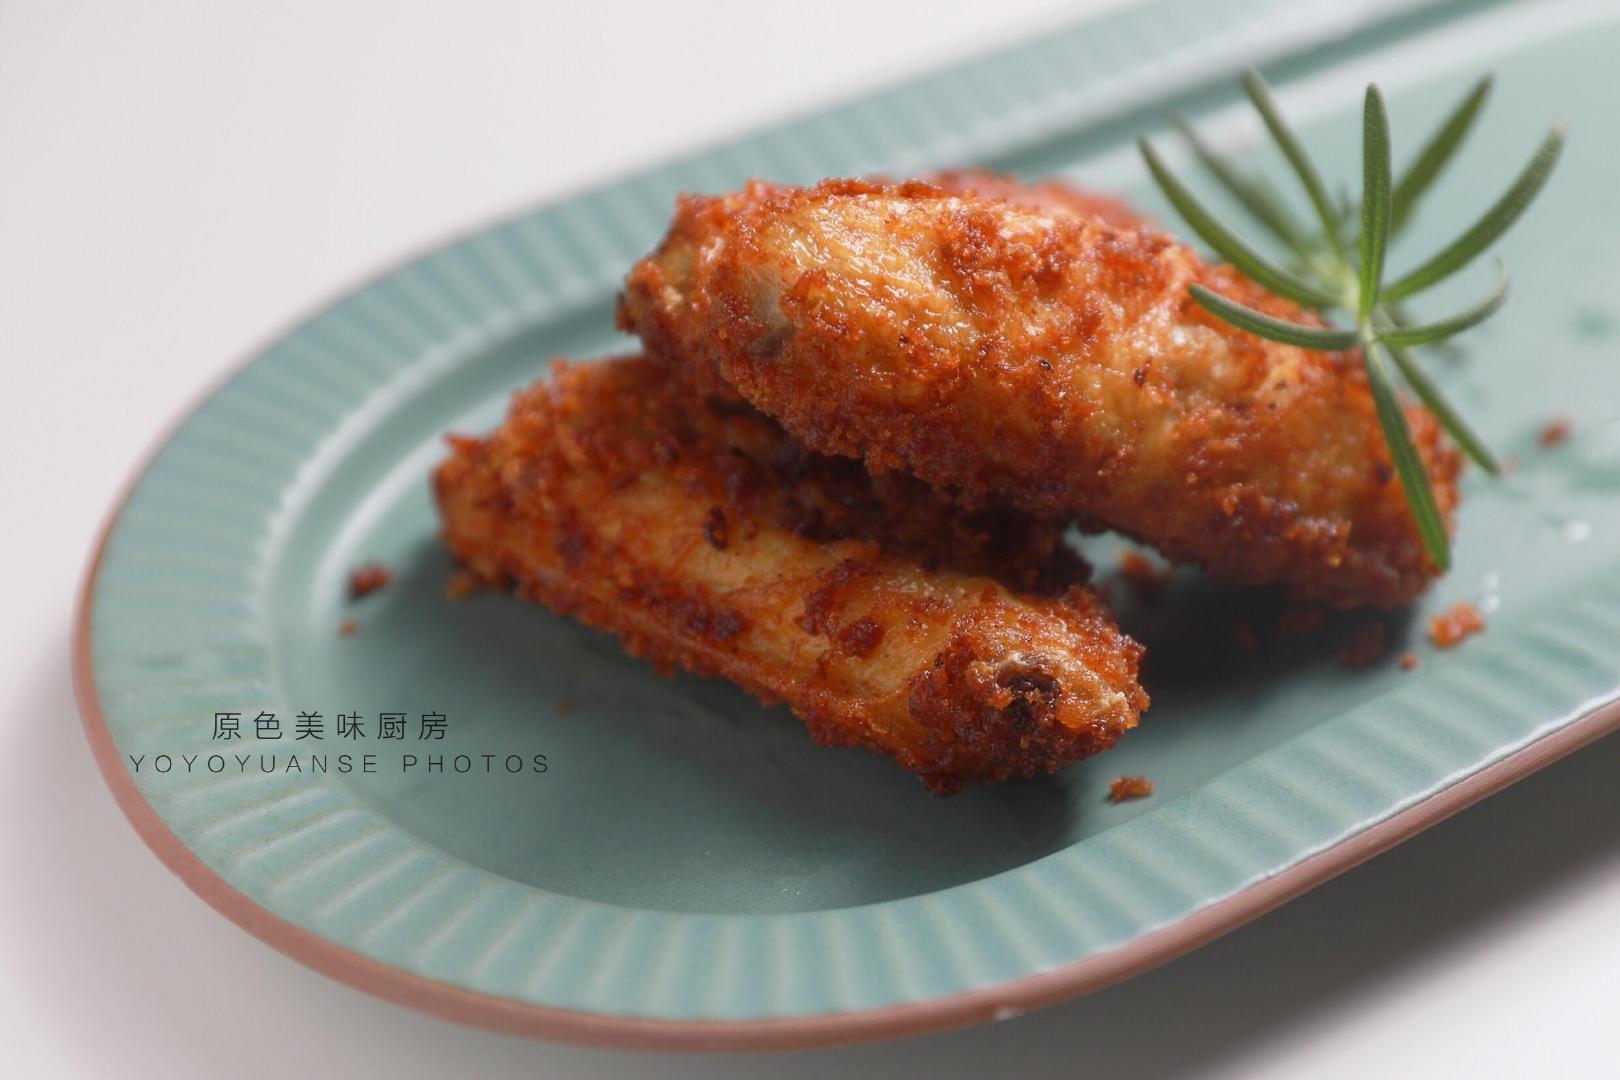 外脆里嫩的鸡翅只要这样做,零厨艺制作,懒人最爱